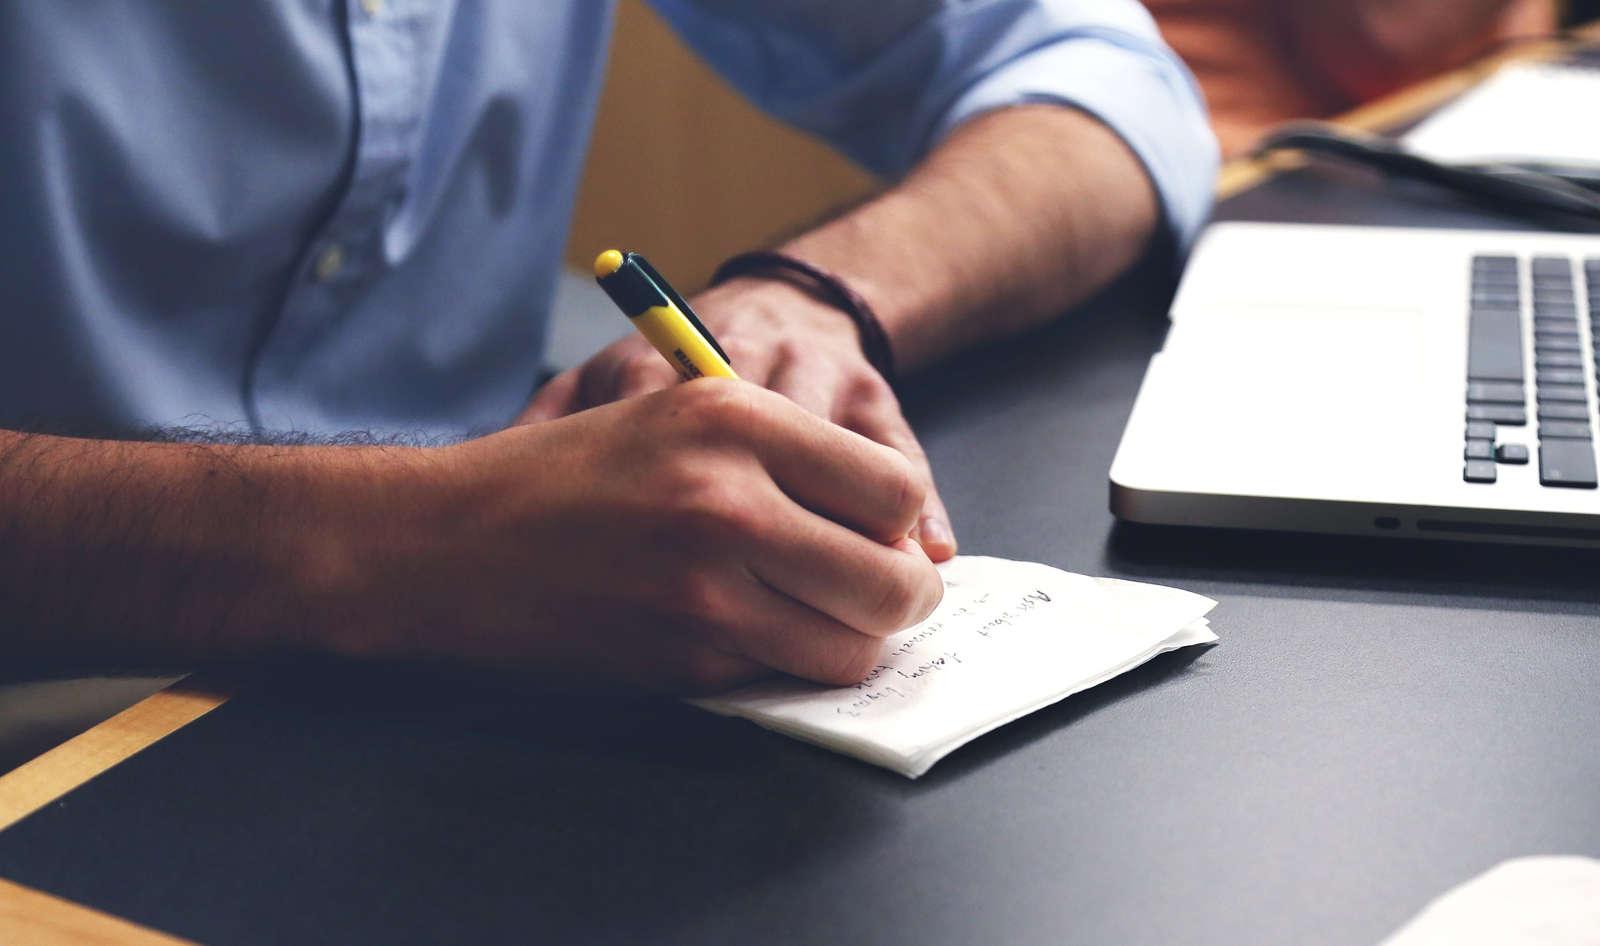 5 grzechów głównych w planowaniu, sztuka planowania, odnieść sukces, zakładanych efektów, planowanie czasu, przewidywania sytuacji,